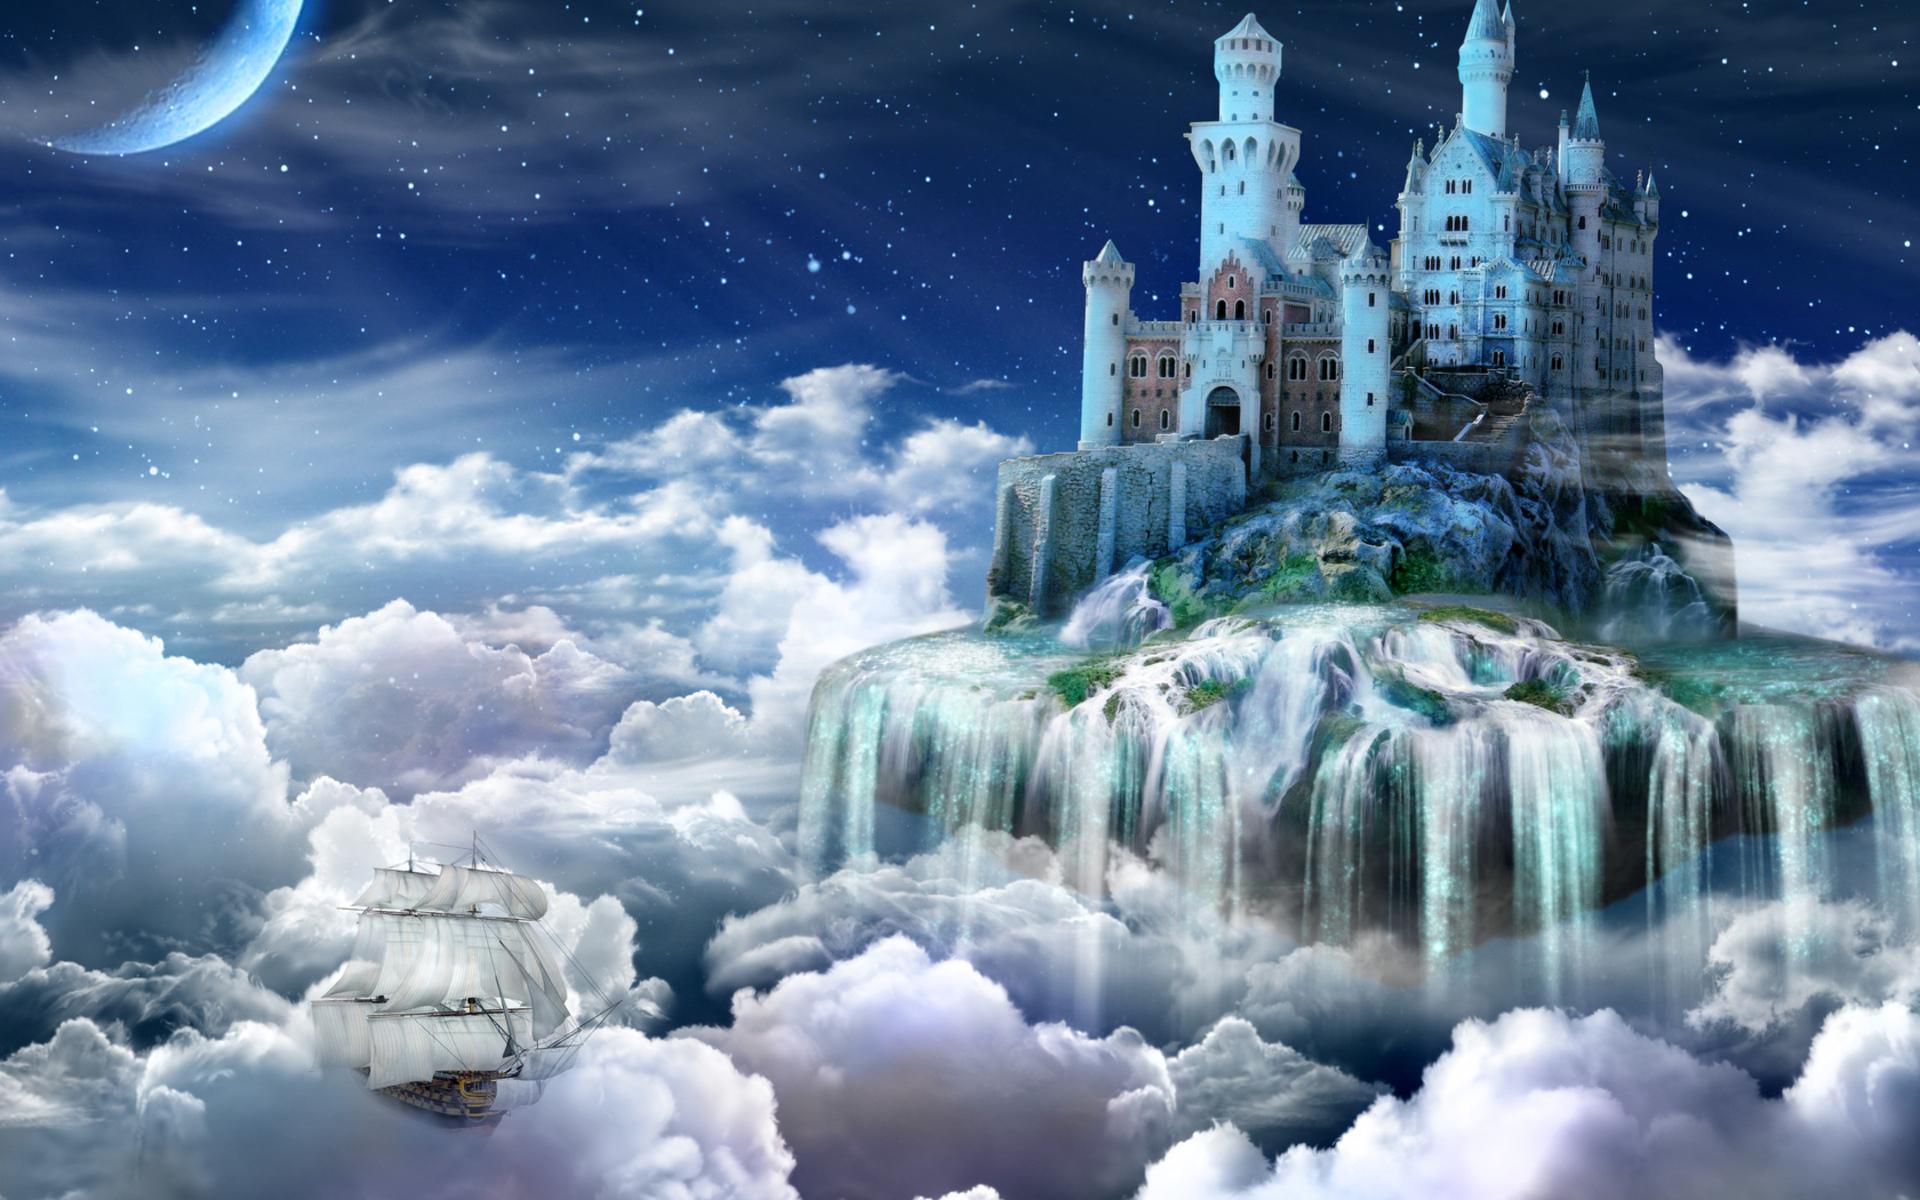 всего королевство волшебства картинки интересным названием